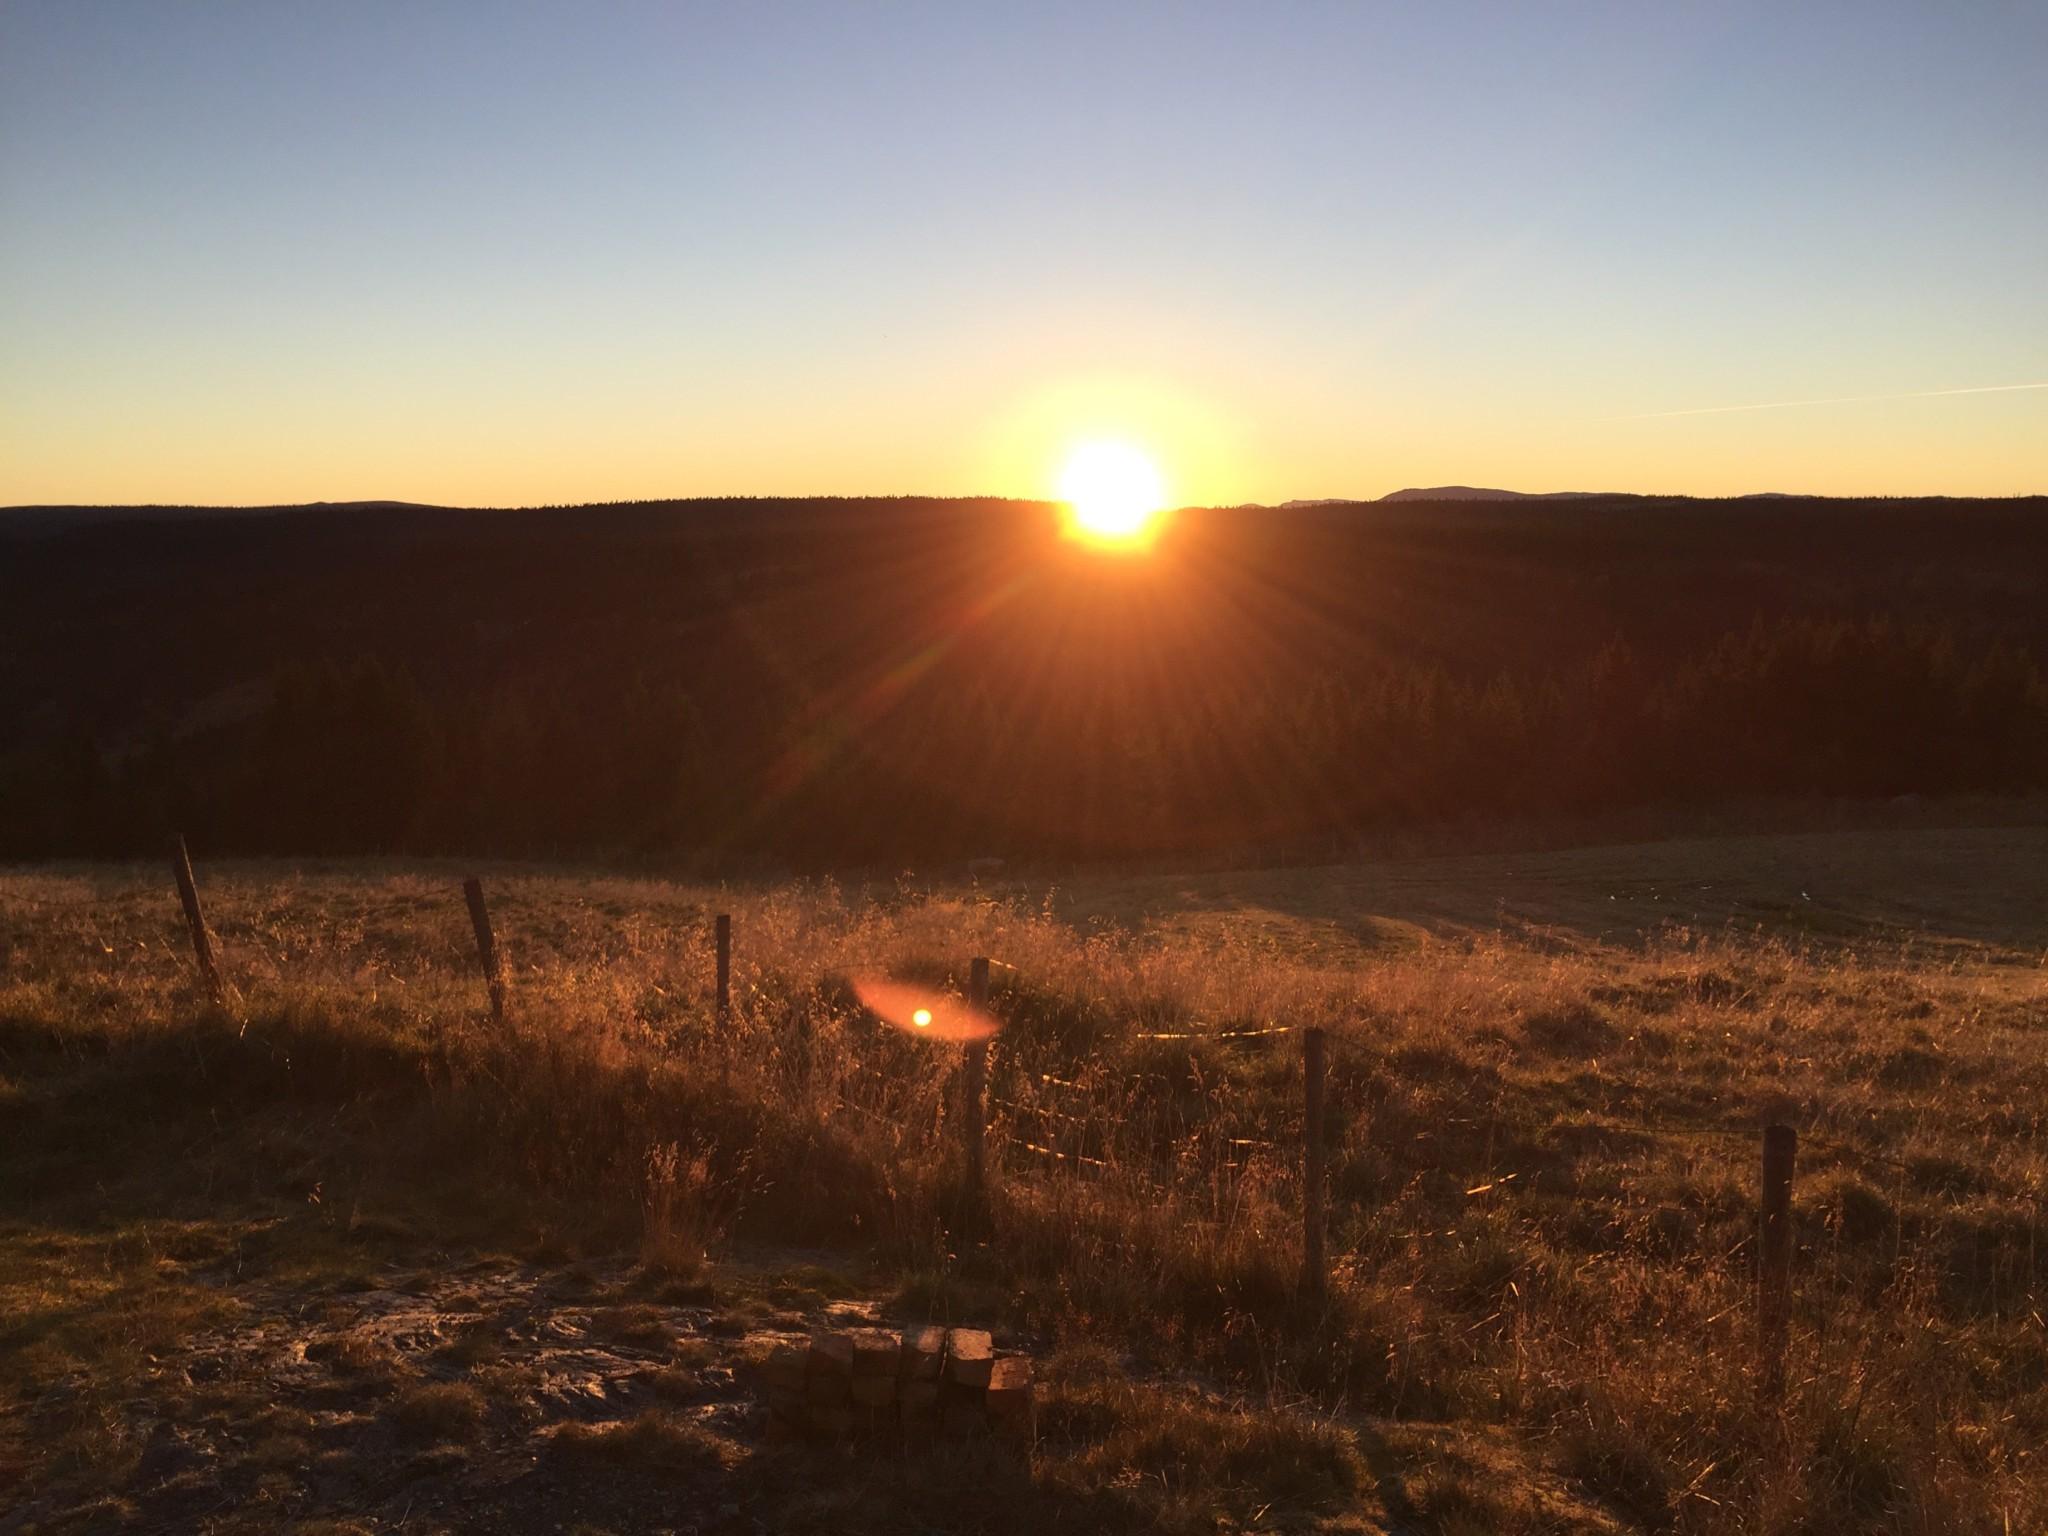 sunset-seter-gausdal